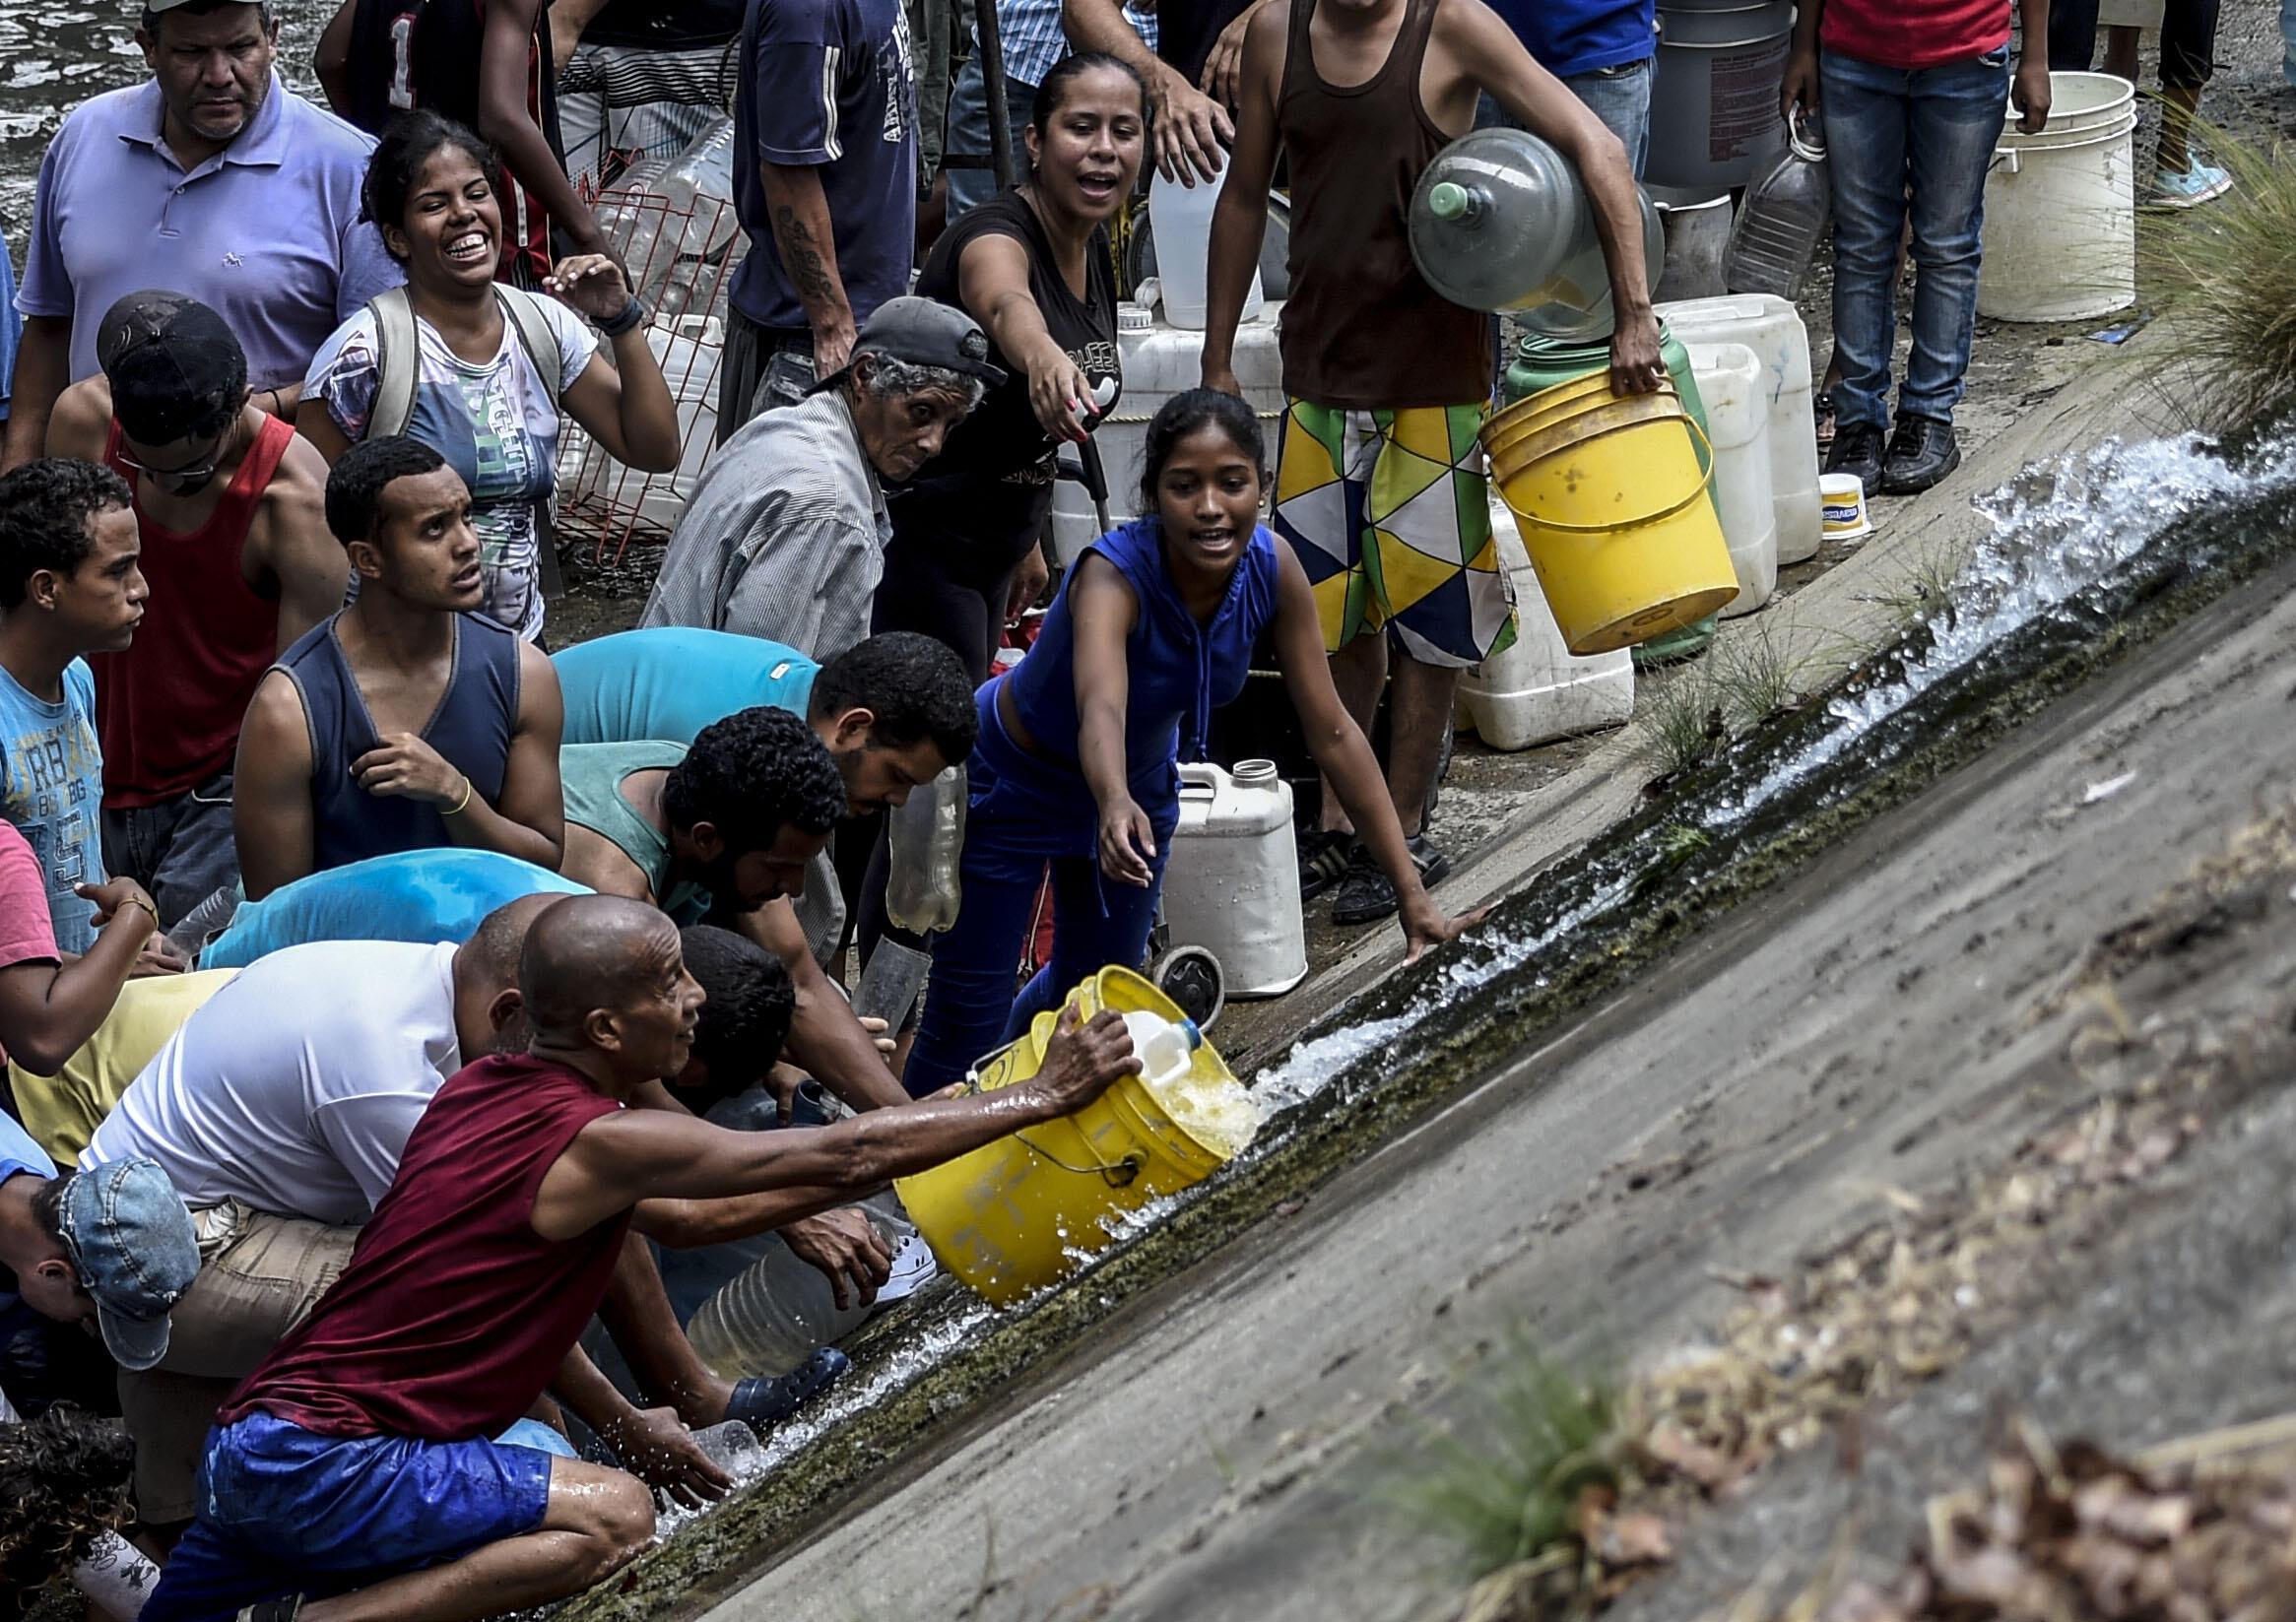 Les habitants vont chercher de l'eau dans un canal d'évacuation des eaux usées de la rivière Guaire, à Caracas, le 11 mars 2019.